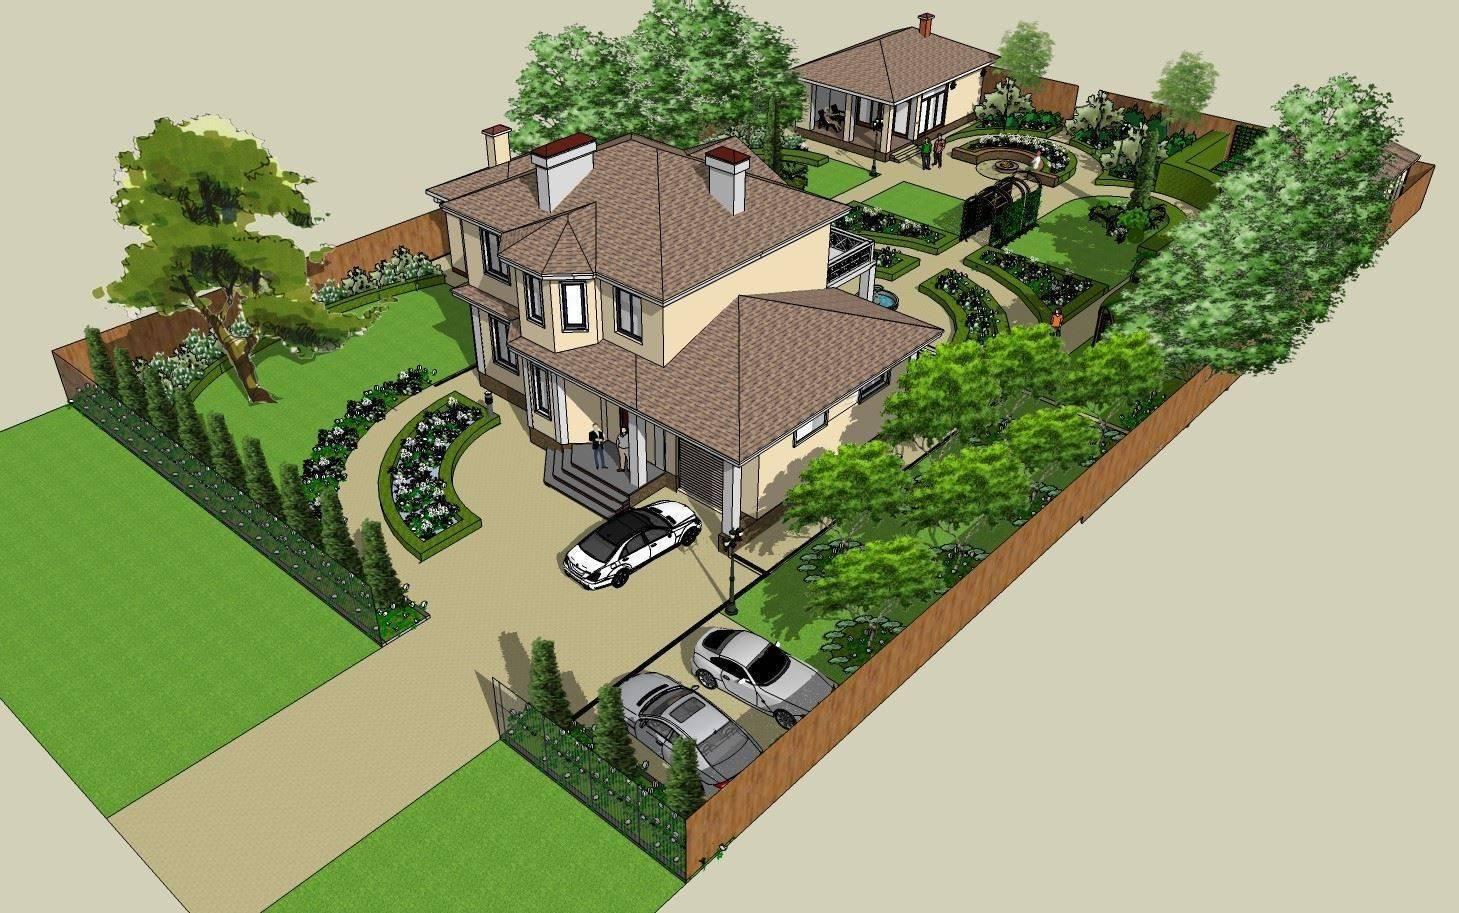 Планировка дачного участка: где расположить дом и все остальное. где построить дом на дачном участке